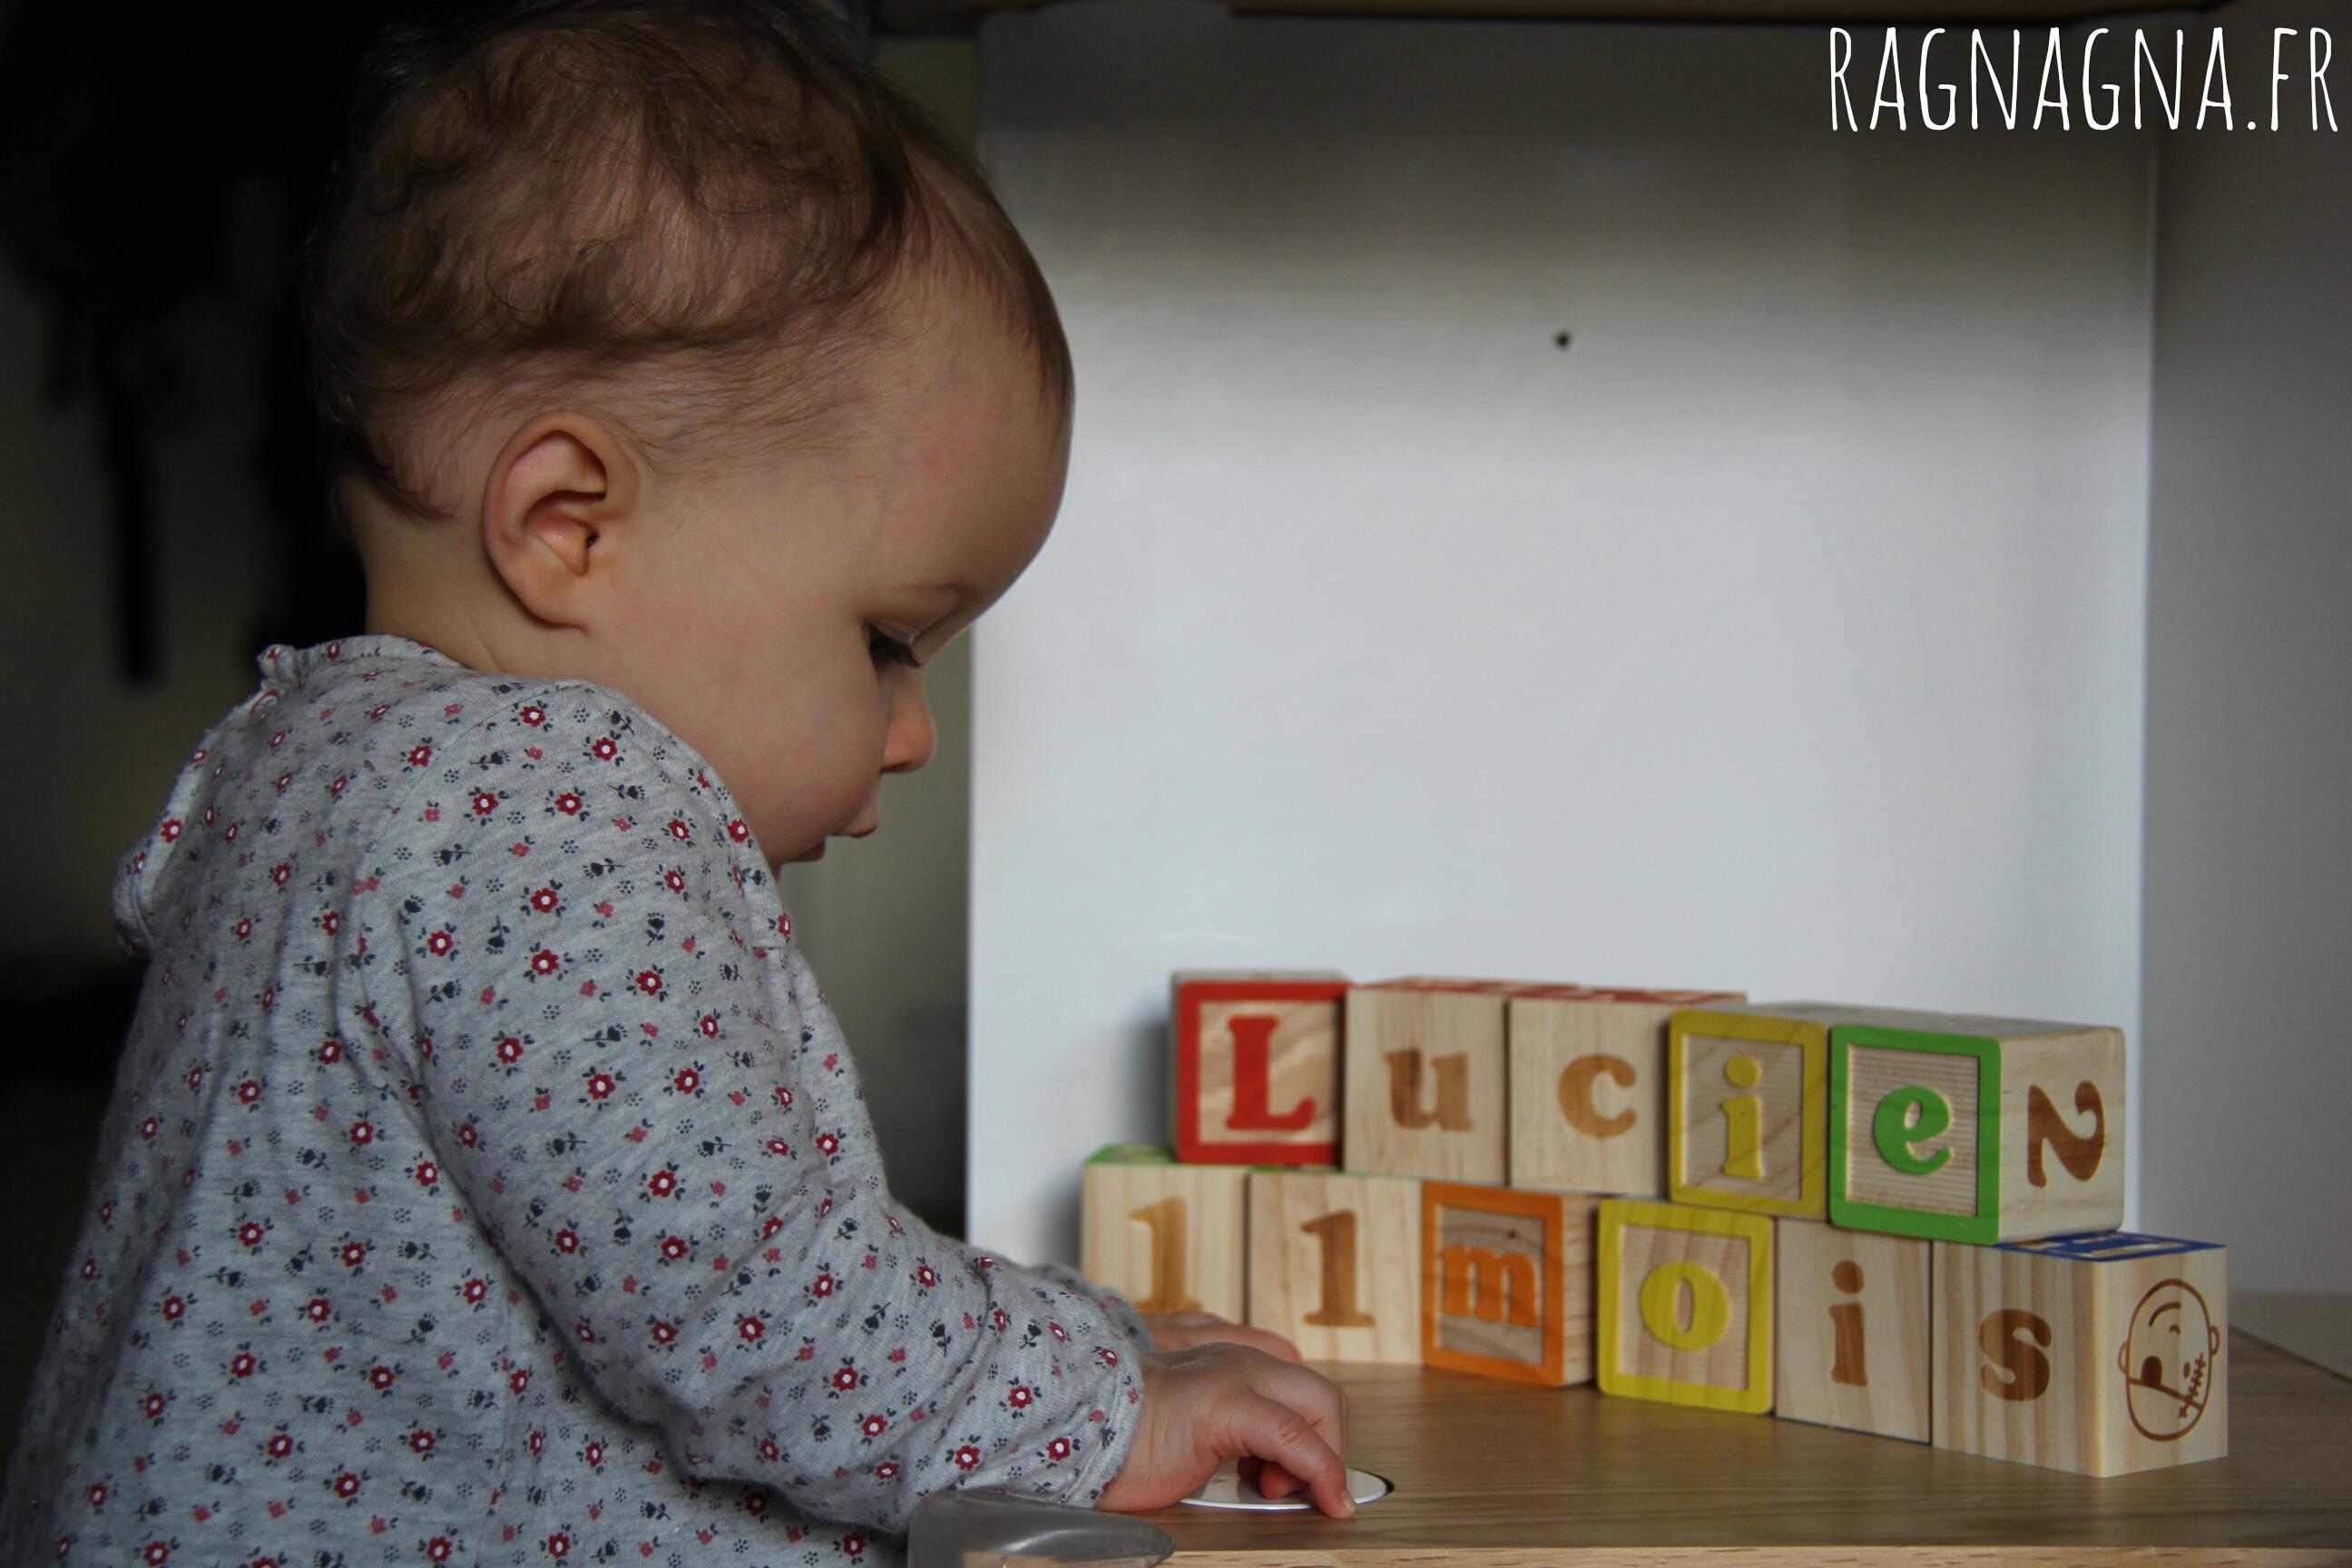 Lucie 11 mois 03